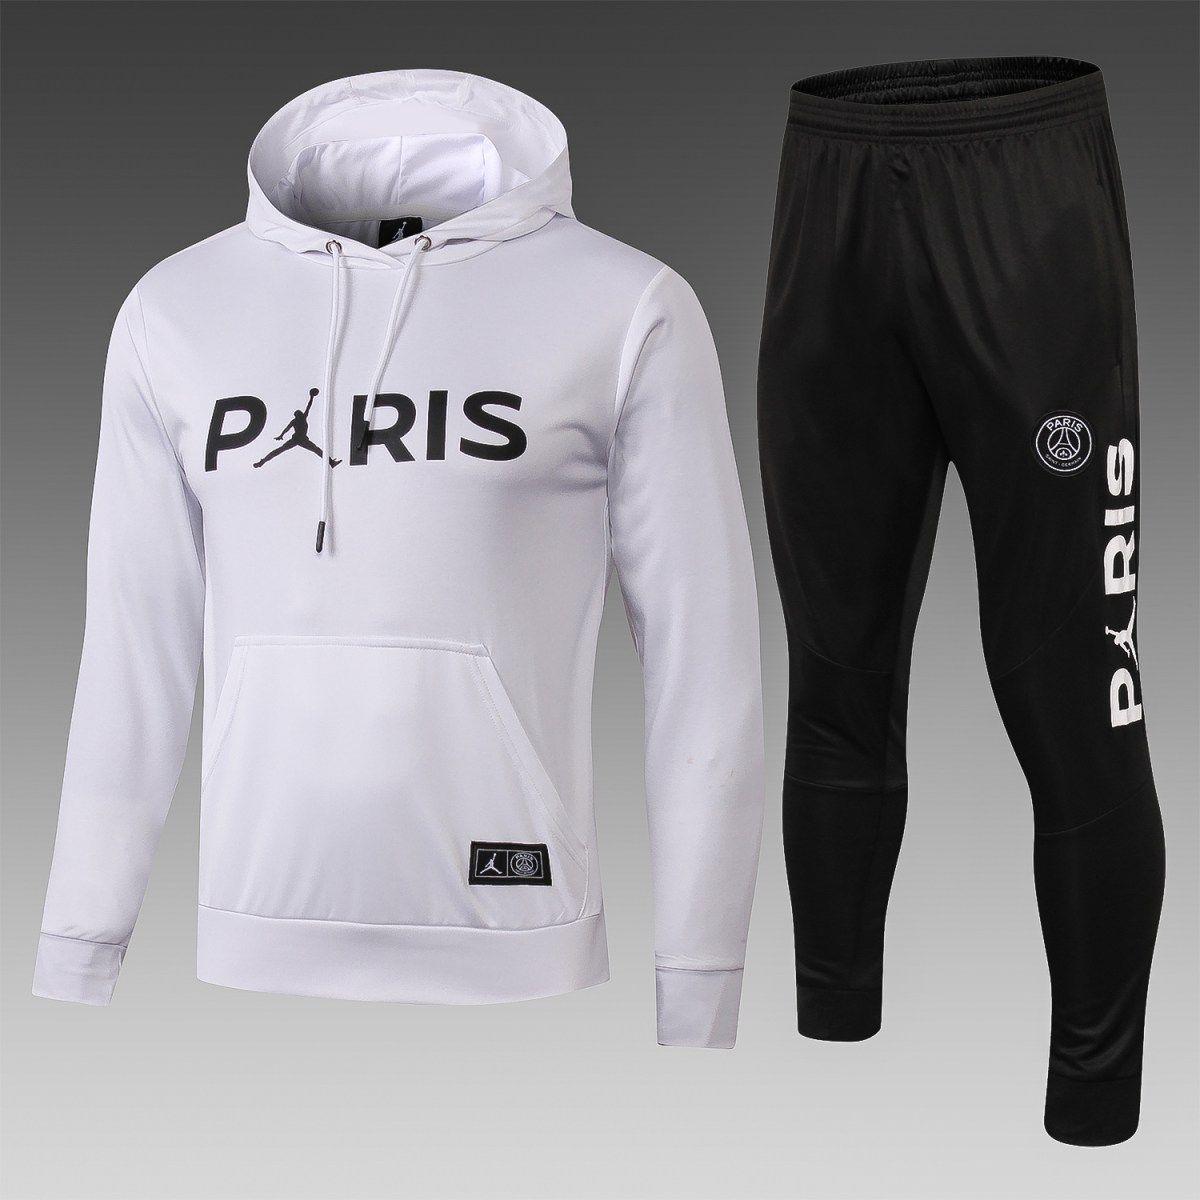 9e40733068049 Camisas De Futebol, Futebol Juvenil, Jaqueta Adidas, Jaqueta Com Capuz,  Cinza,